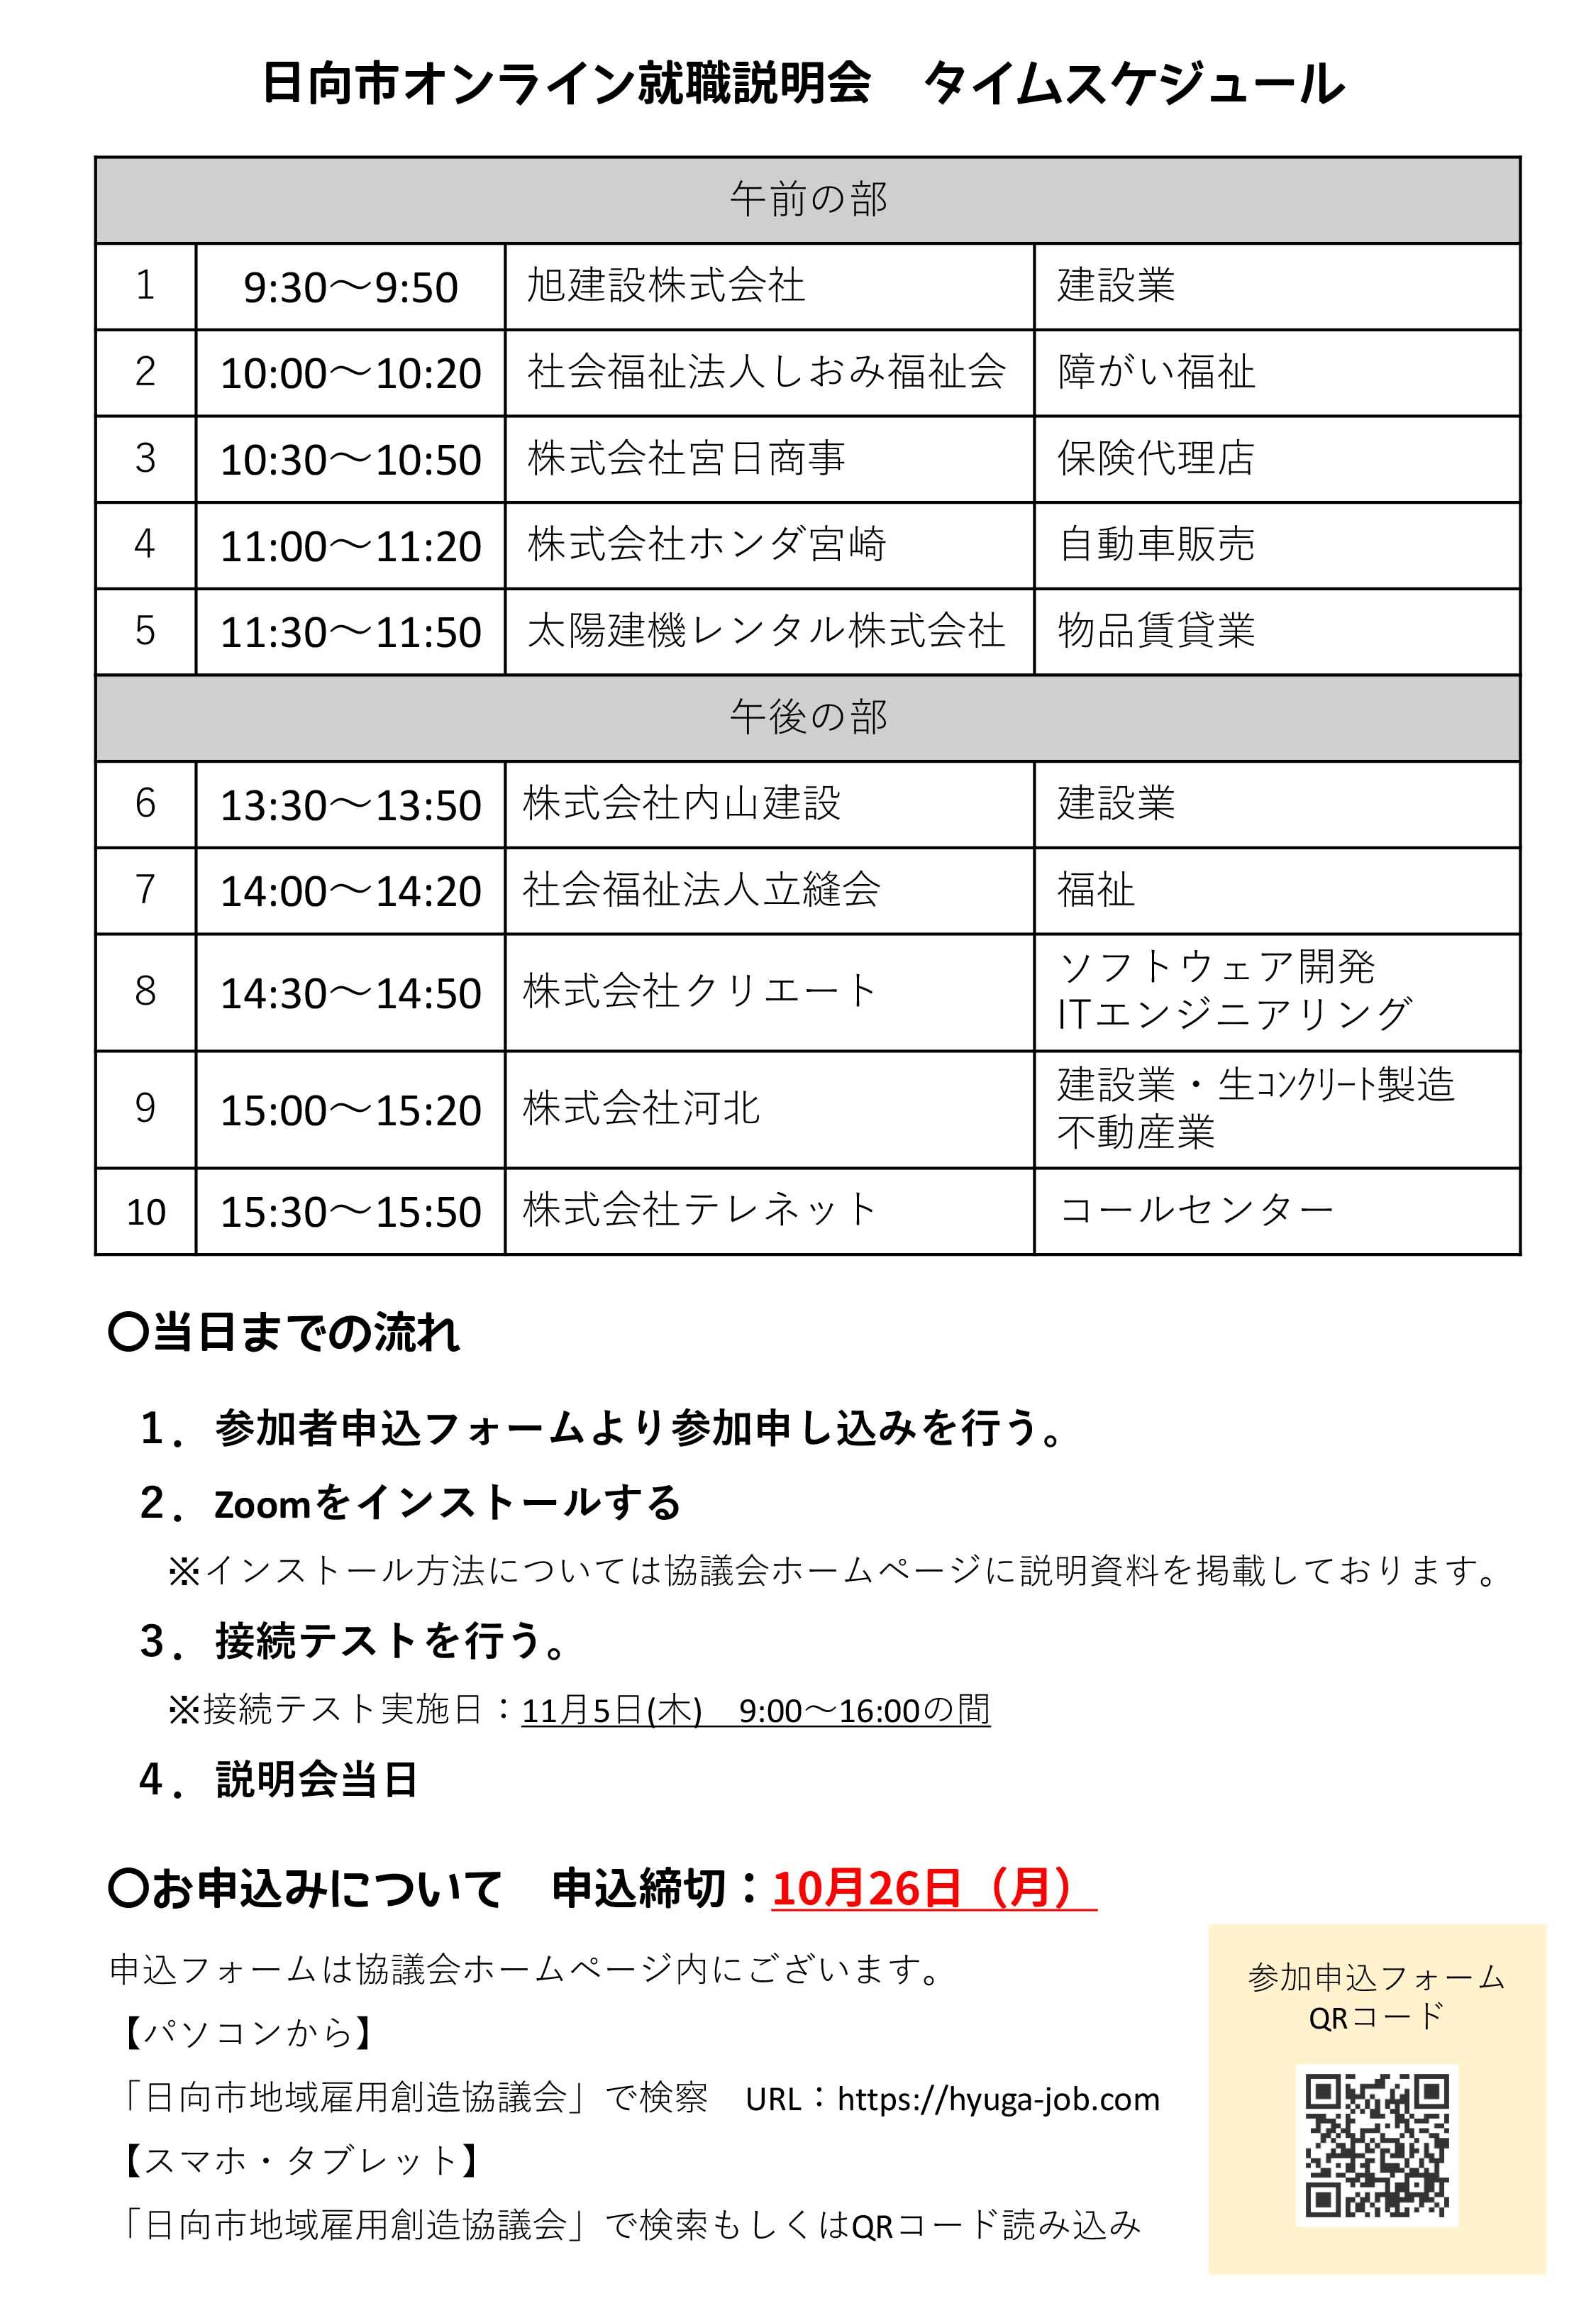 日向市オンライン就職説明会(求職者用)-2